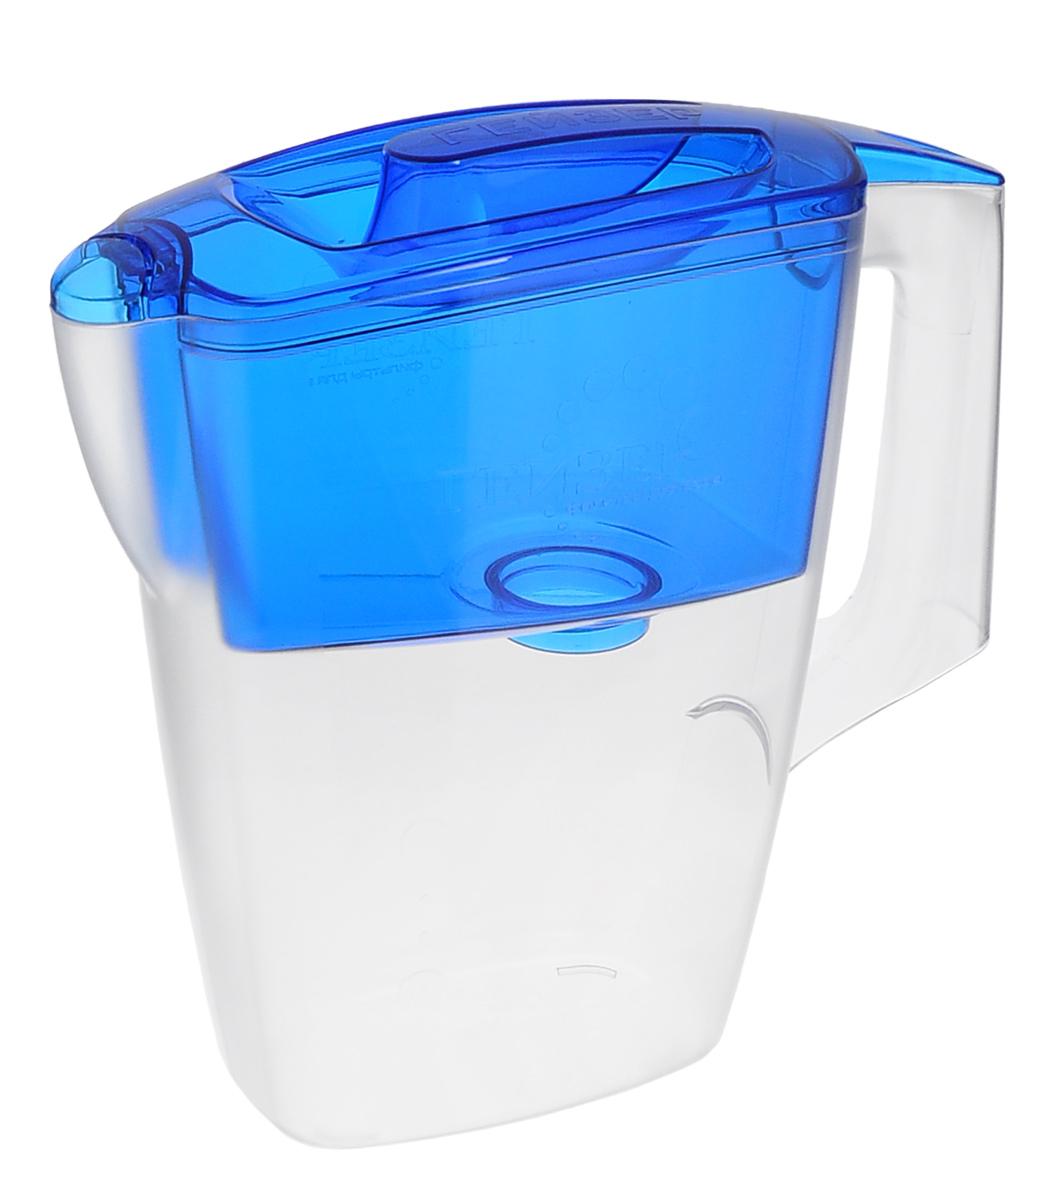 Фильтр-кувшин Гейзер Мини, с картриджем, цвет: прозрачный, синий, 2,5 л62046_синий, прозрачныйФильтр-кувшин Гейзер Мини, выполненный из пластика, станет необходимым помощником на вашей кухне. Он предназначен для очистки холодной водопроводной, скважинной и колодезной воды от ржавчины, растворенного железа, тяжелых металлов, хлора, органических соединений и других примесей. Фильтр-кувшин обладает рядом преимуществ: - компактный размер, помещается в дверце холодильника,- имеет шкалу объема очищенной воды,- оснащен герметичной системой установки картриджа,- можно мыть в посудомоечной машине.